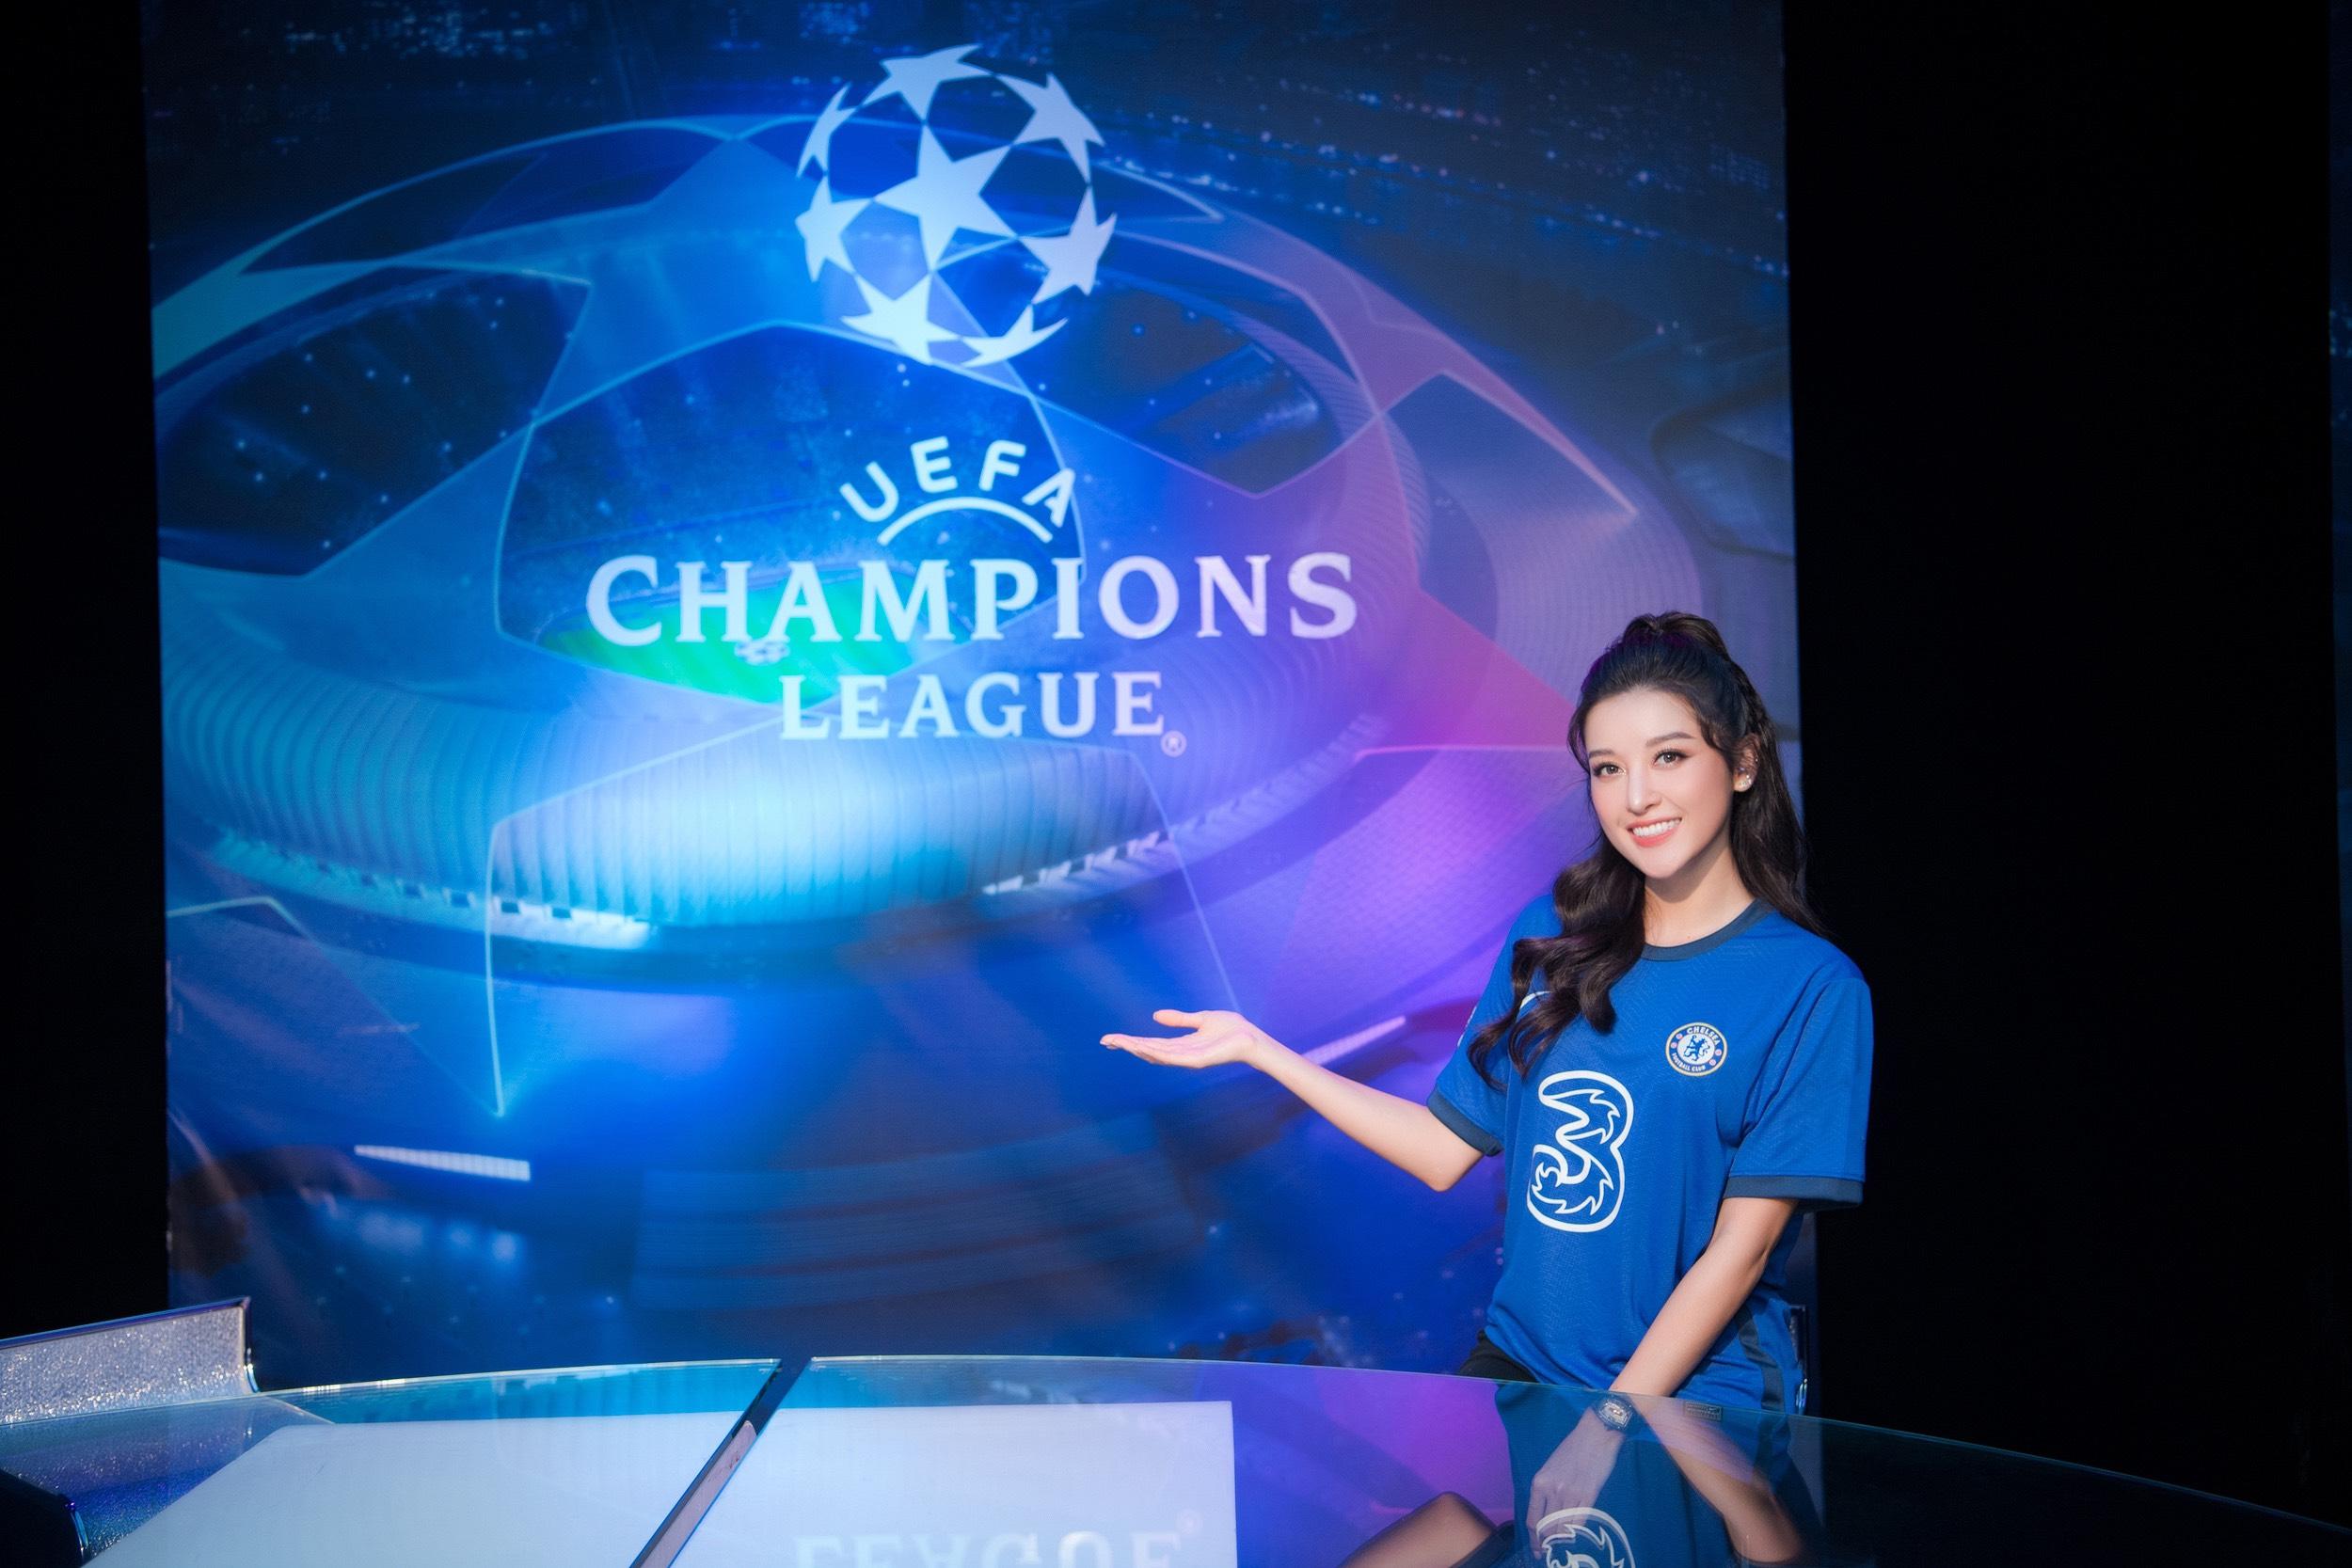 Huyền My hội ngộ Đỗ Hùng Dũng, vỡ oà khi Chelsea vô địch Champions League - Ảnh 6.